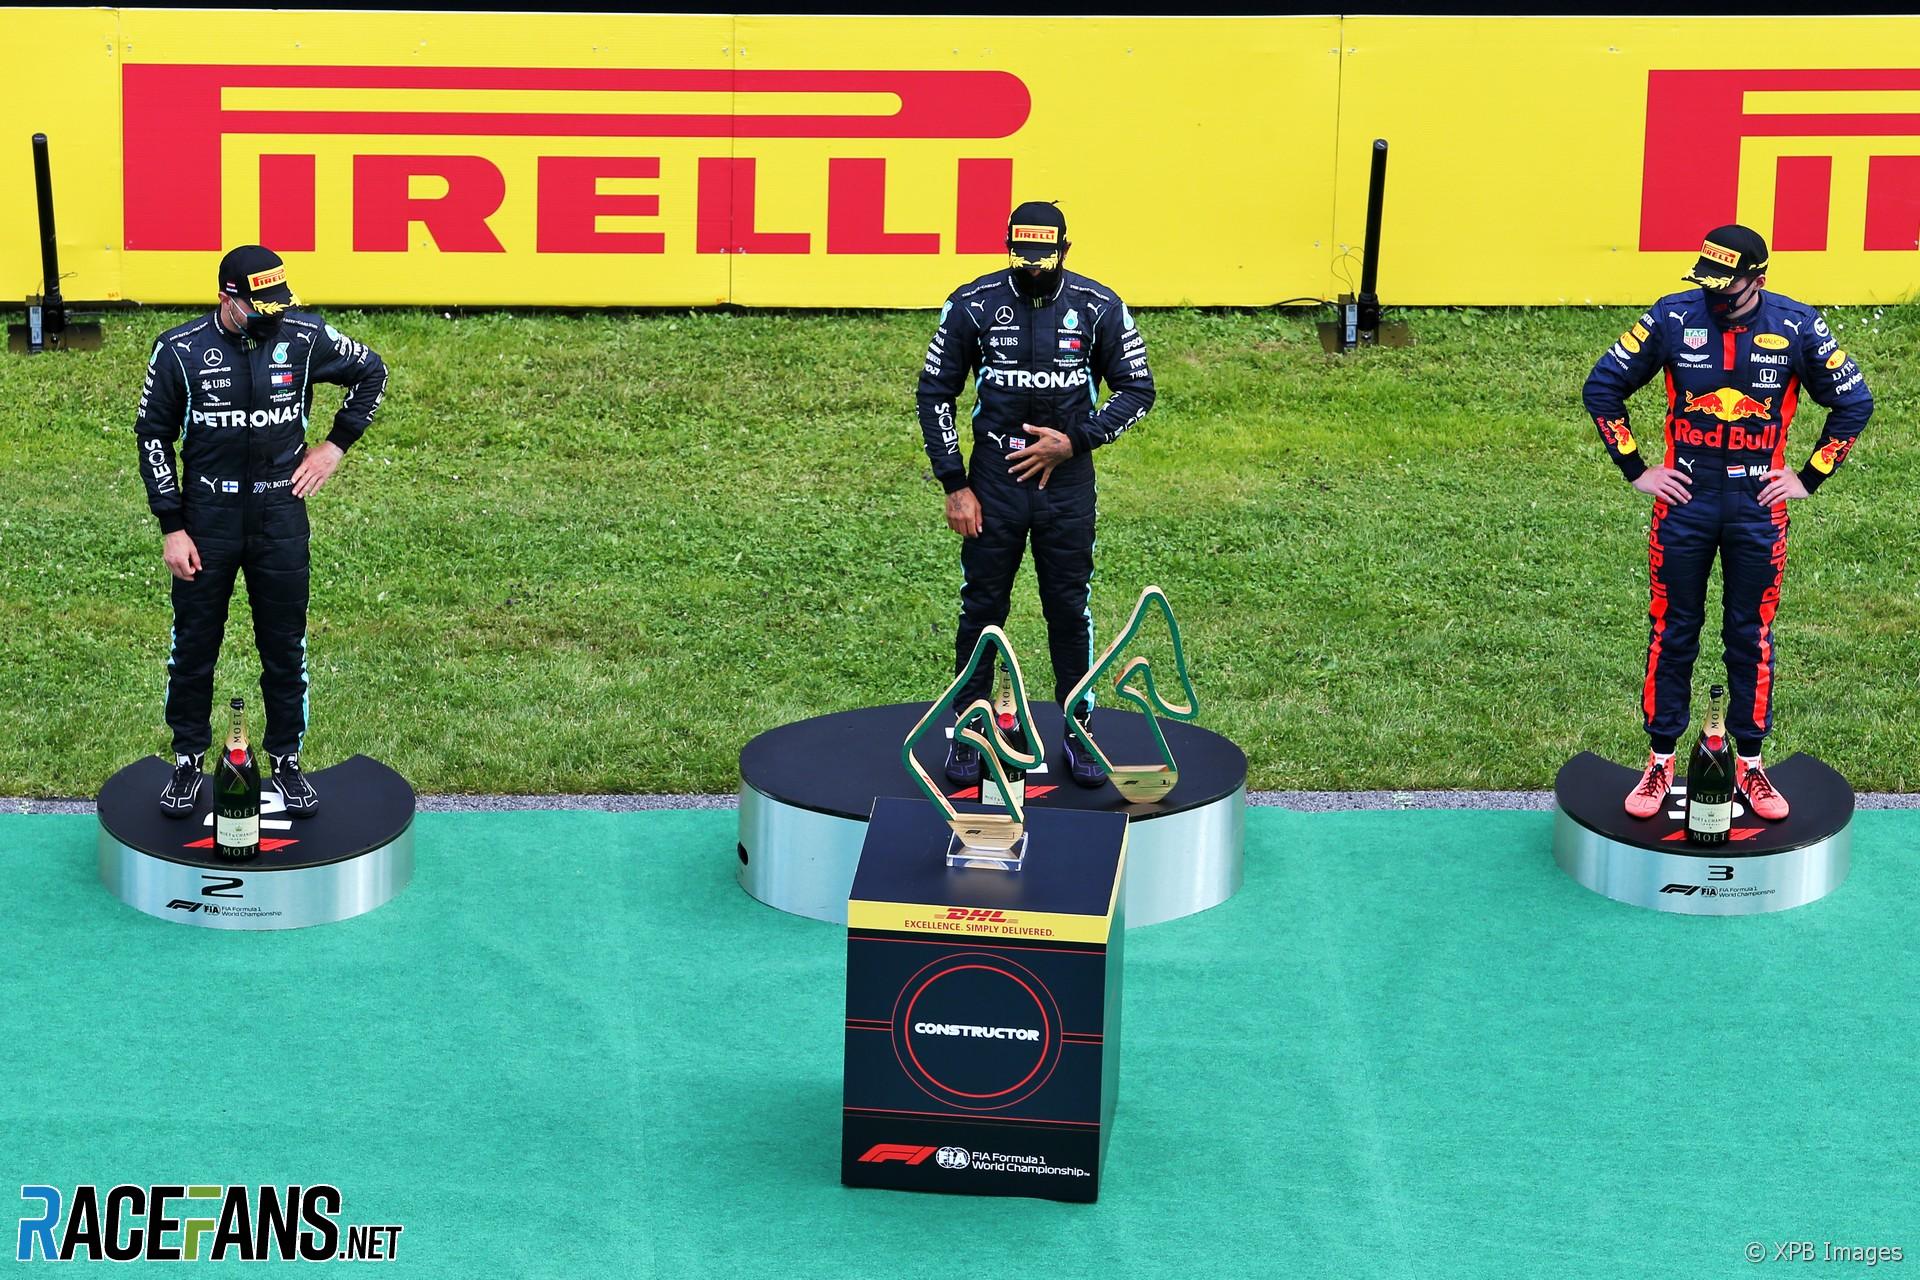 F1 S Trophy Robots Are A Bit Over The Top Hamilton Racefans